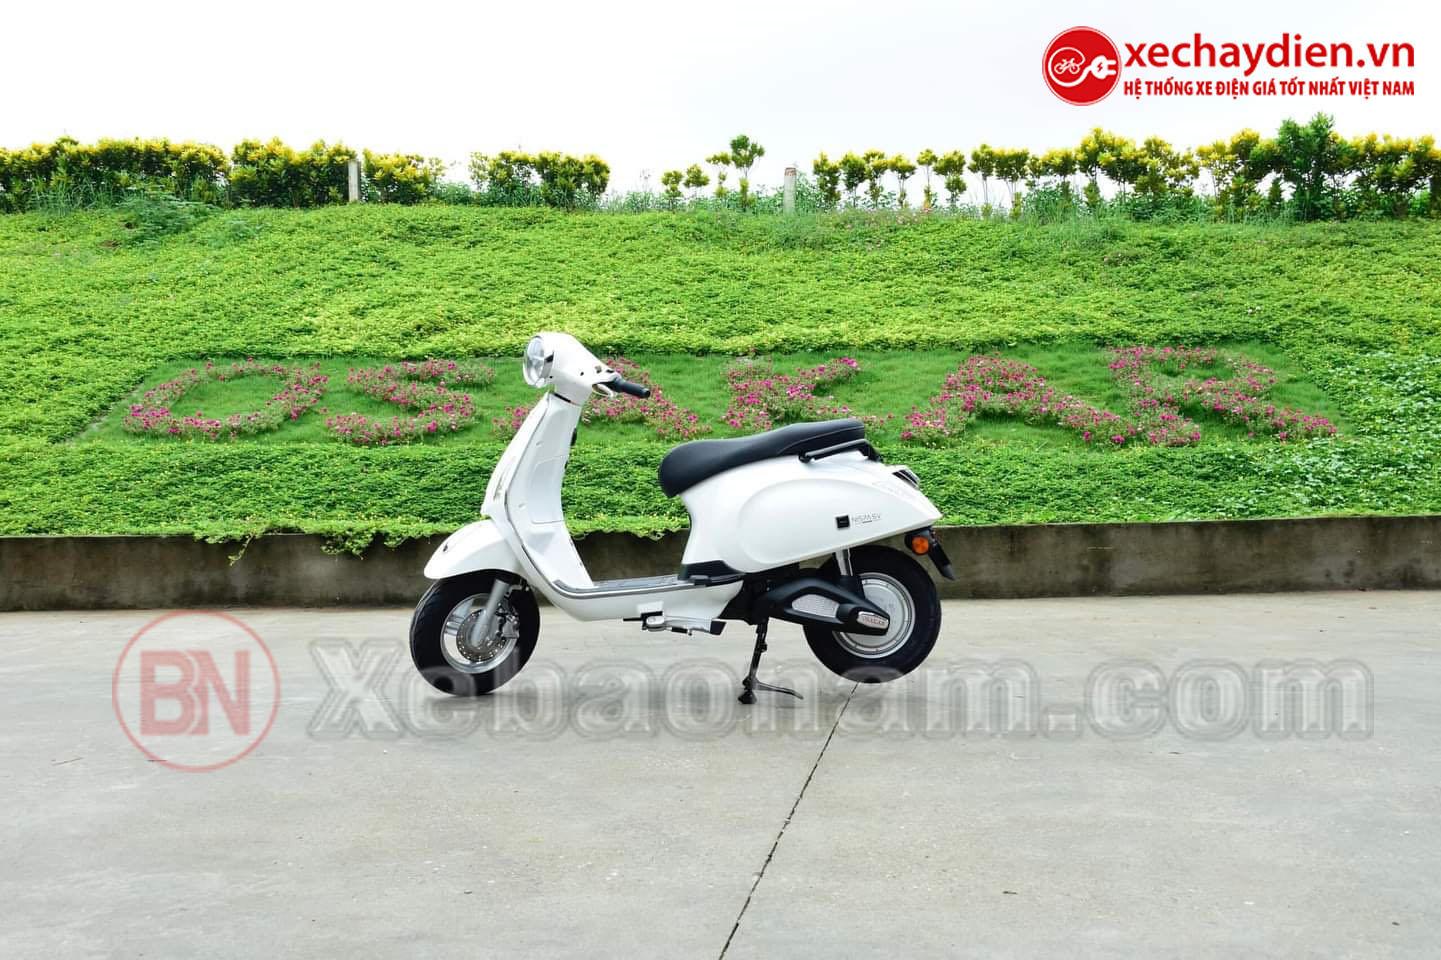 Xe máy điện Nispa SV Osakar màu trắng